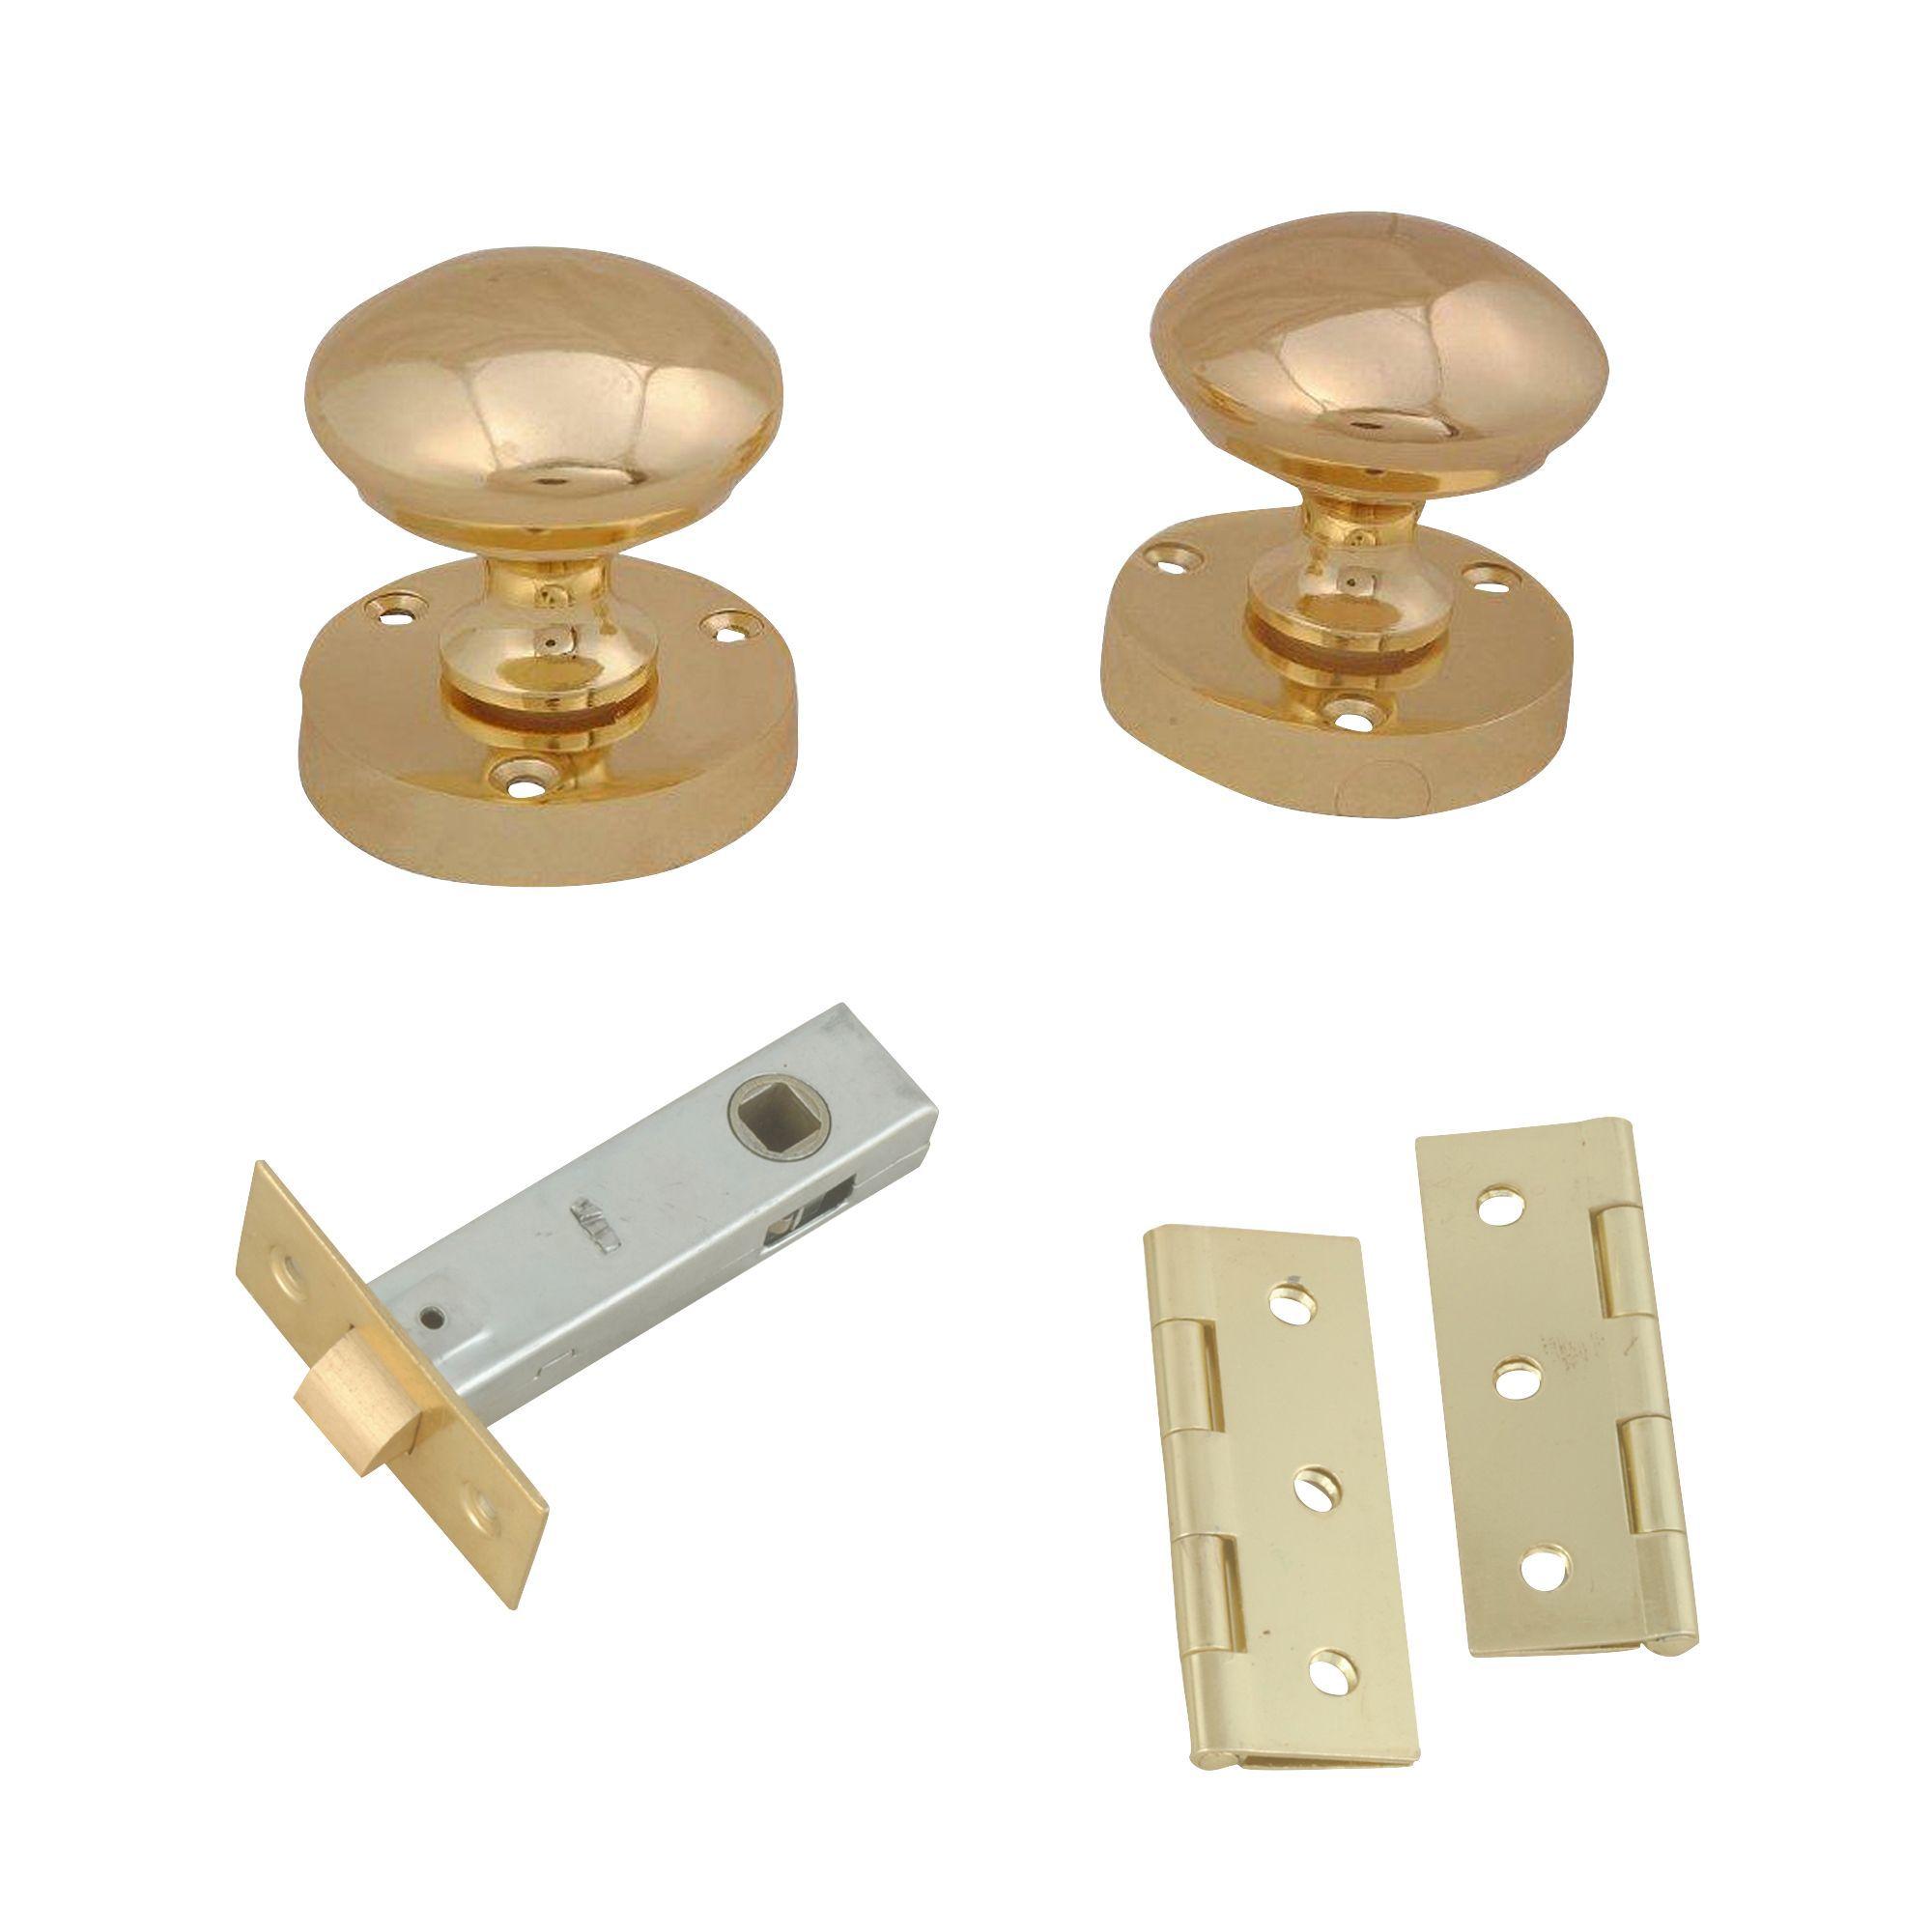 Polished Brass Effect Internal Round Latch Door Knob, 1 Set